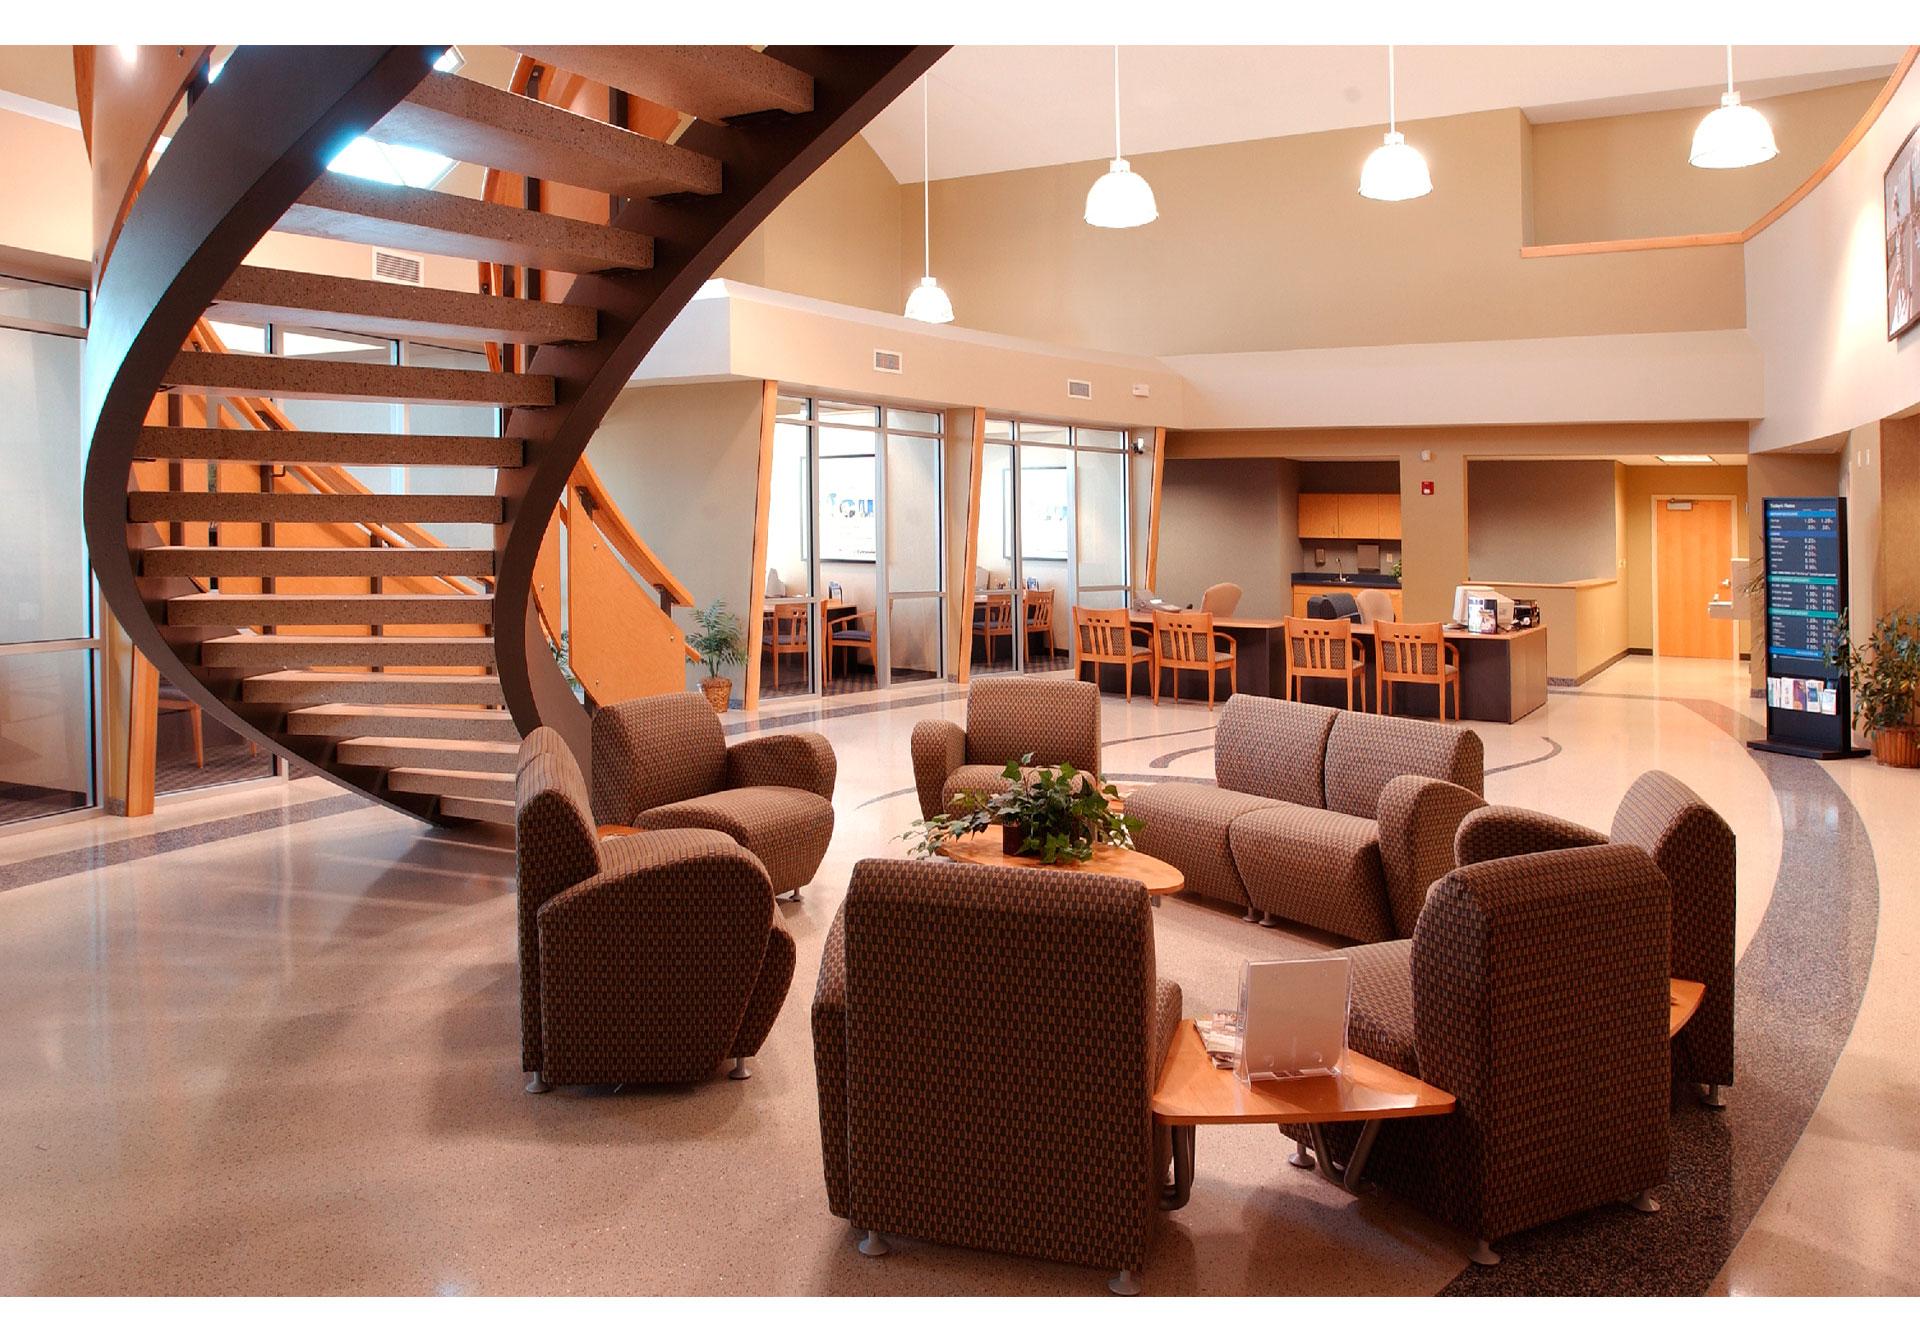 Interior Design Jobs In Evansville Indiana